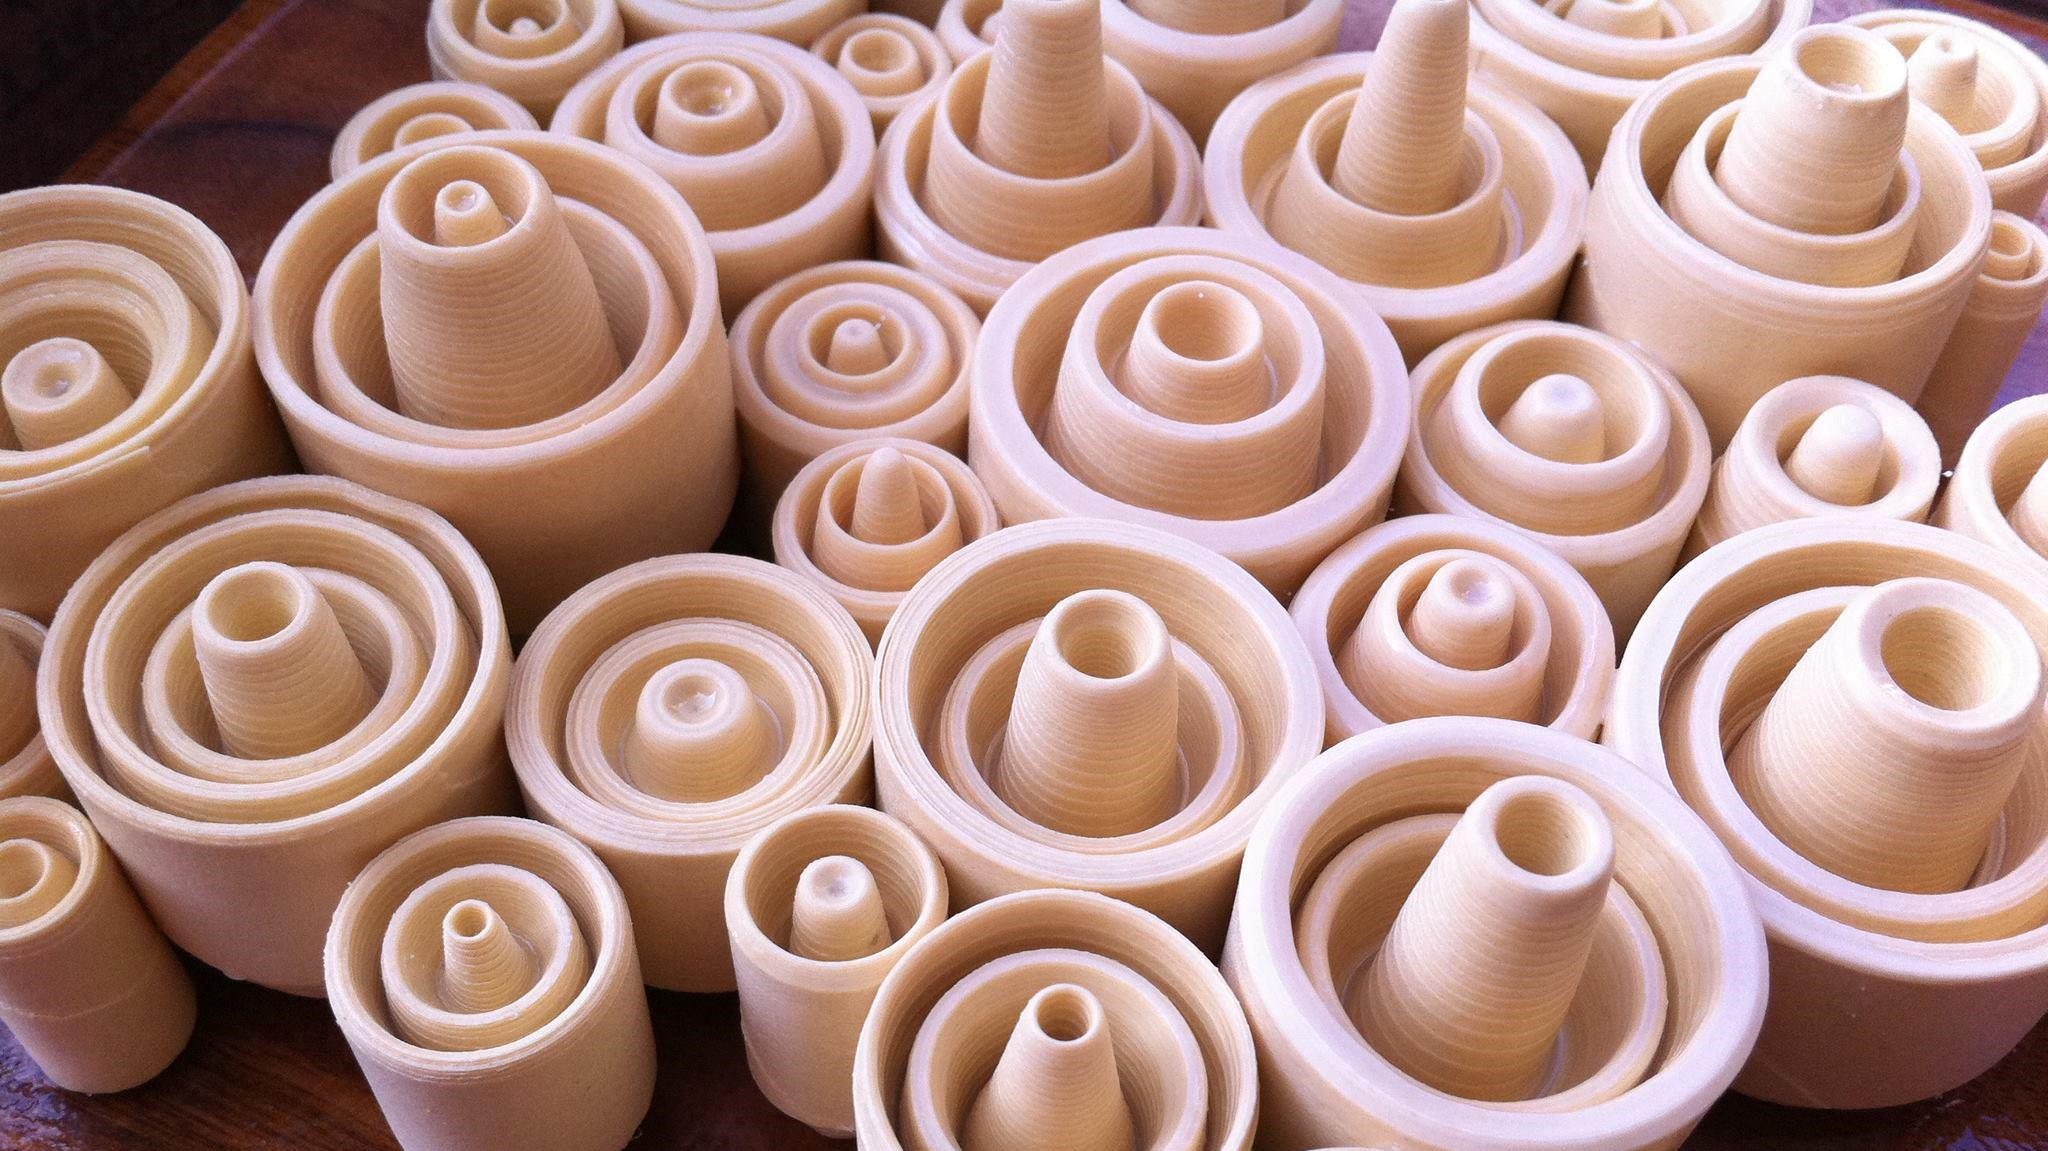 Image: Sarah DiNardo's sculpture